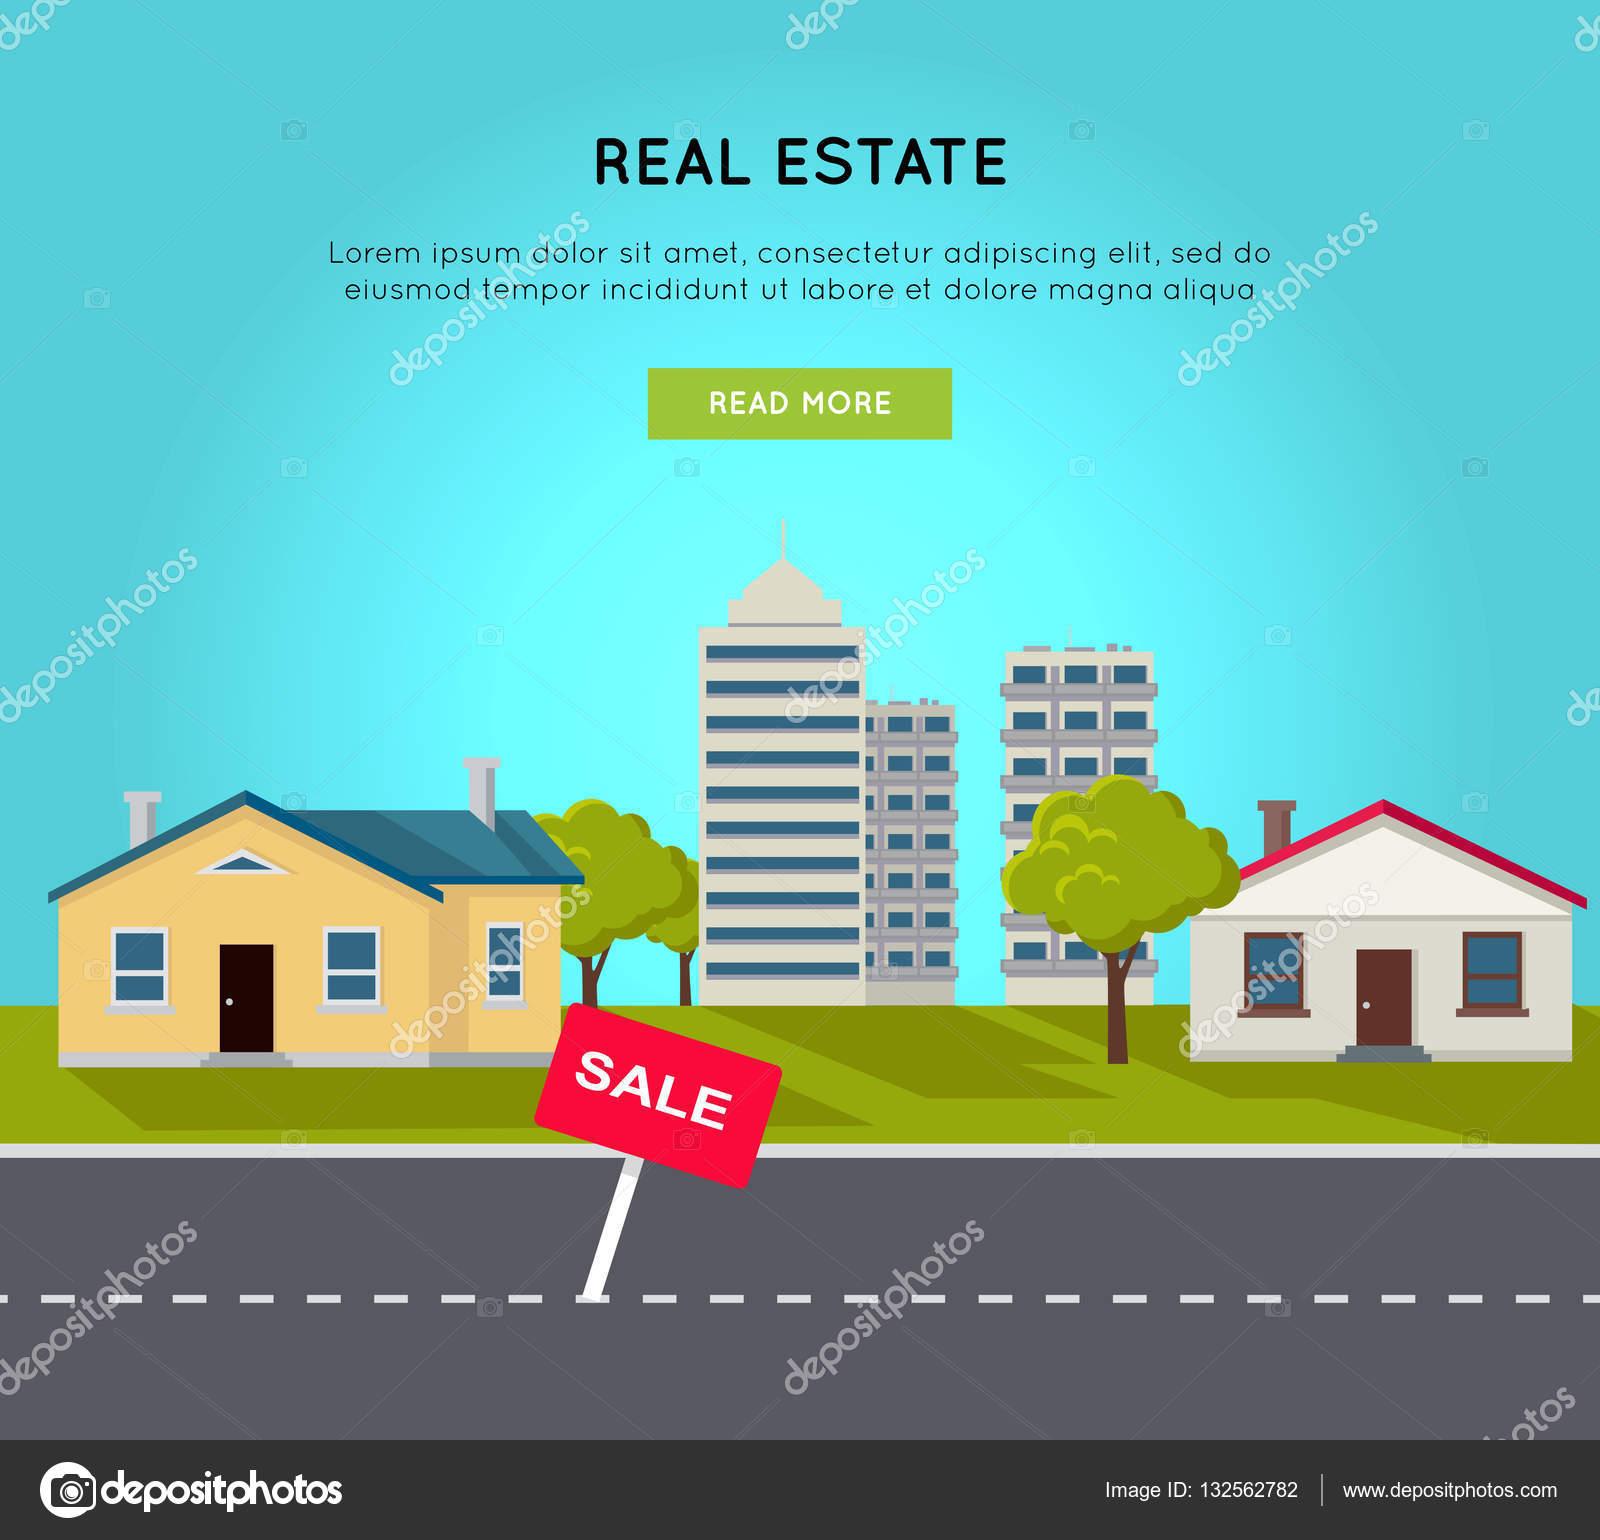 Real Estate: Real Estate Vector Web Banner In Flat Design.